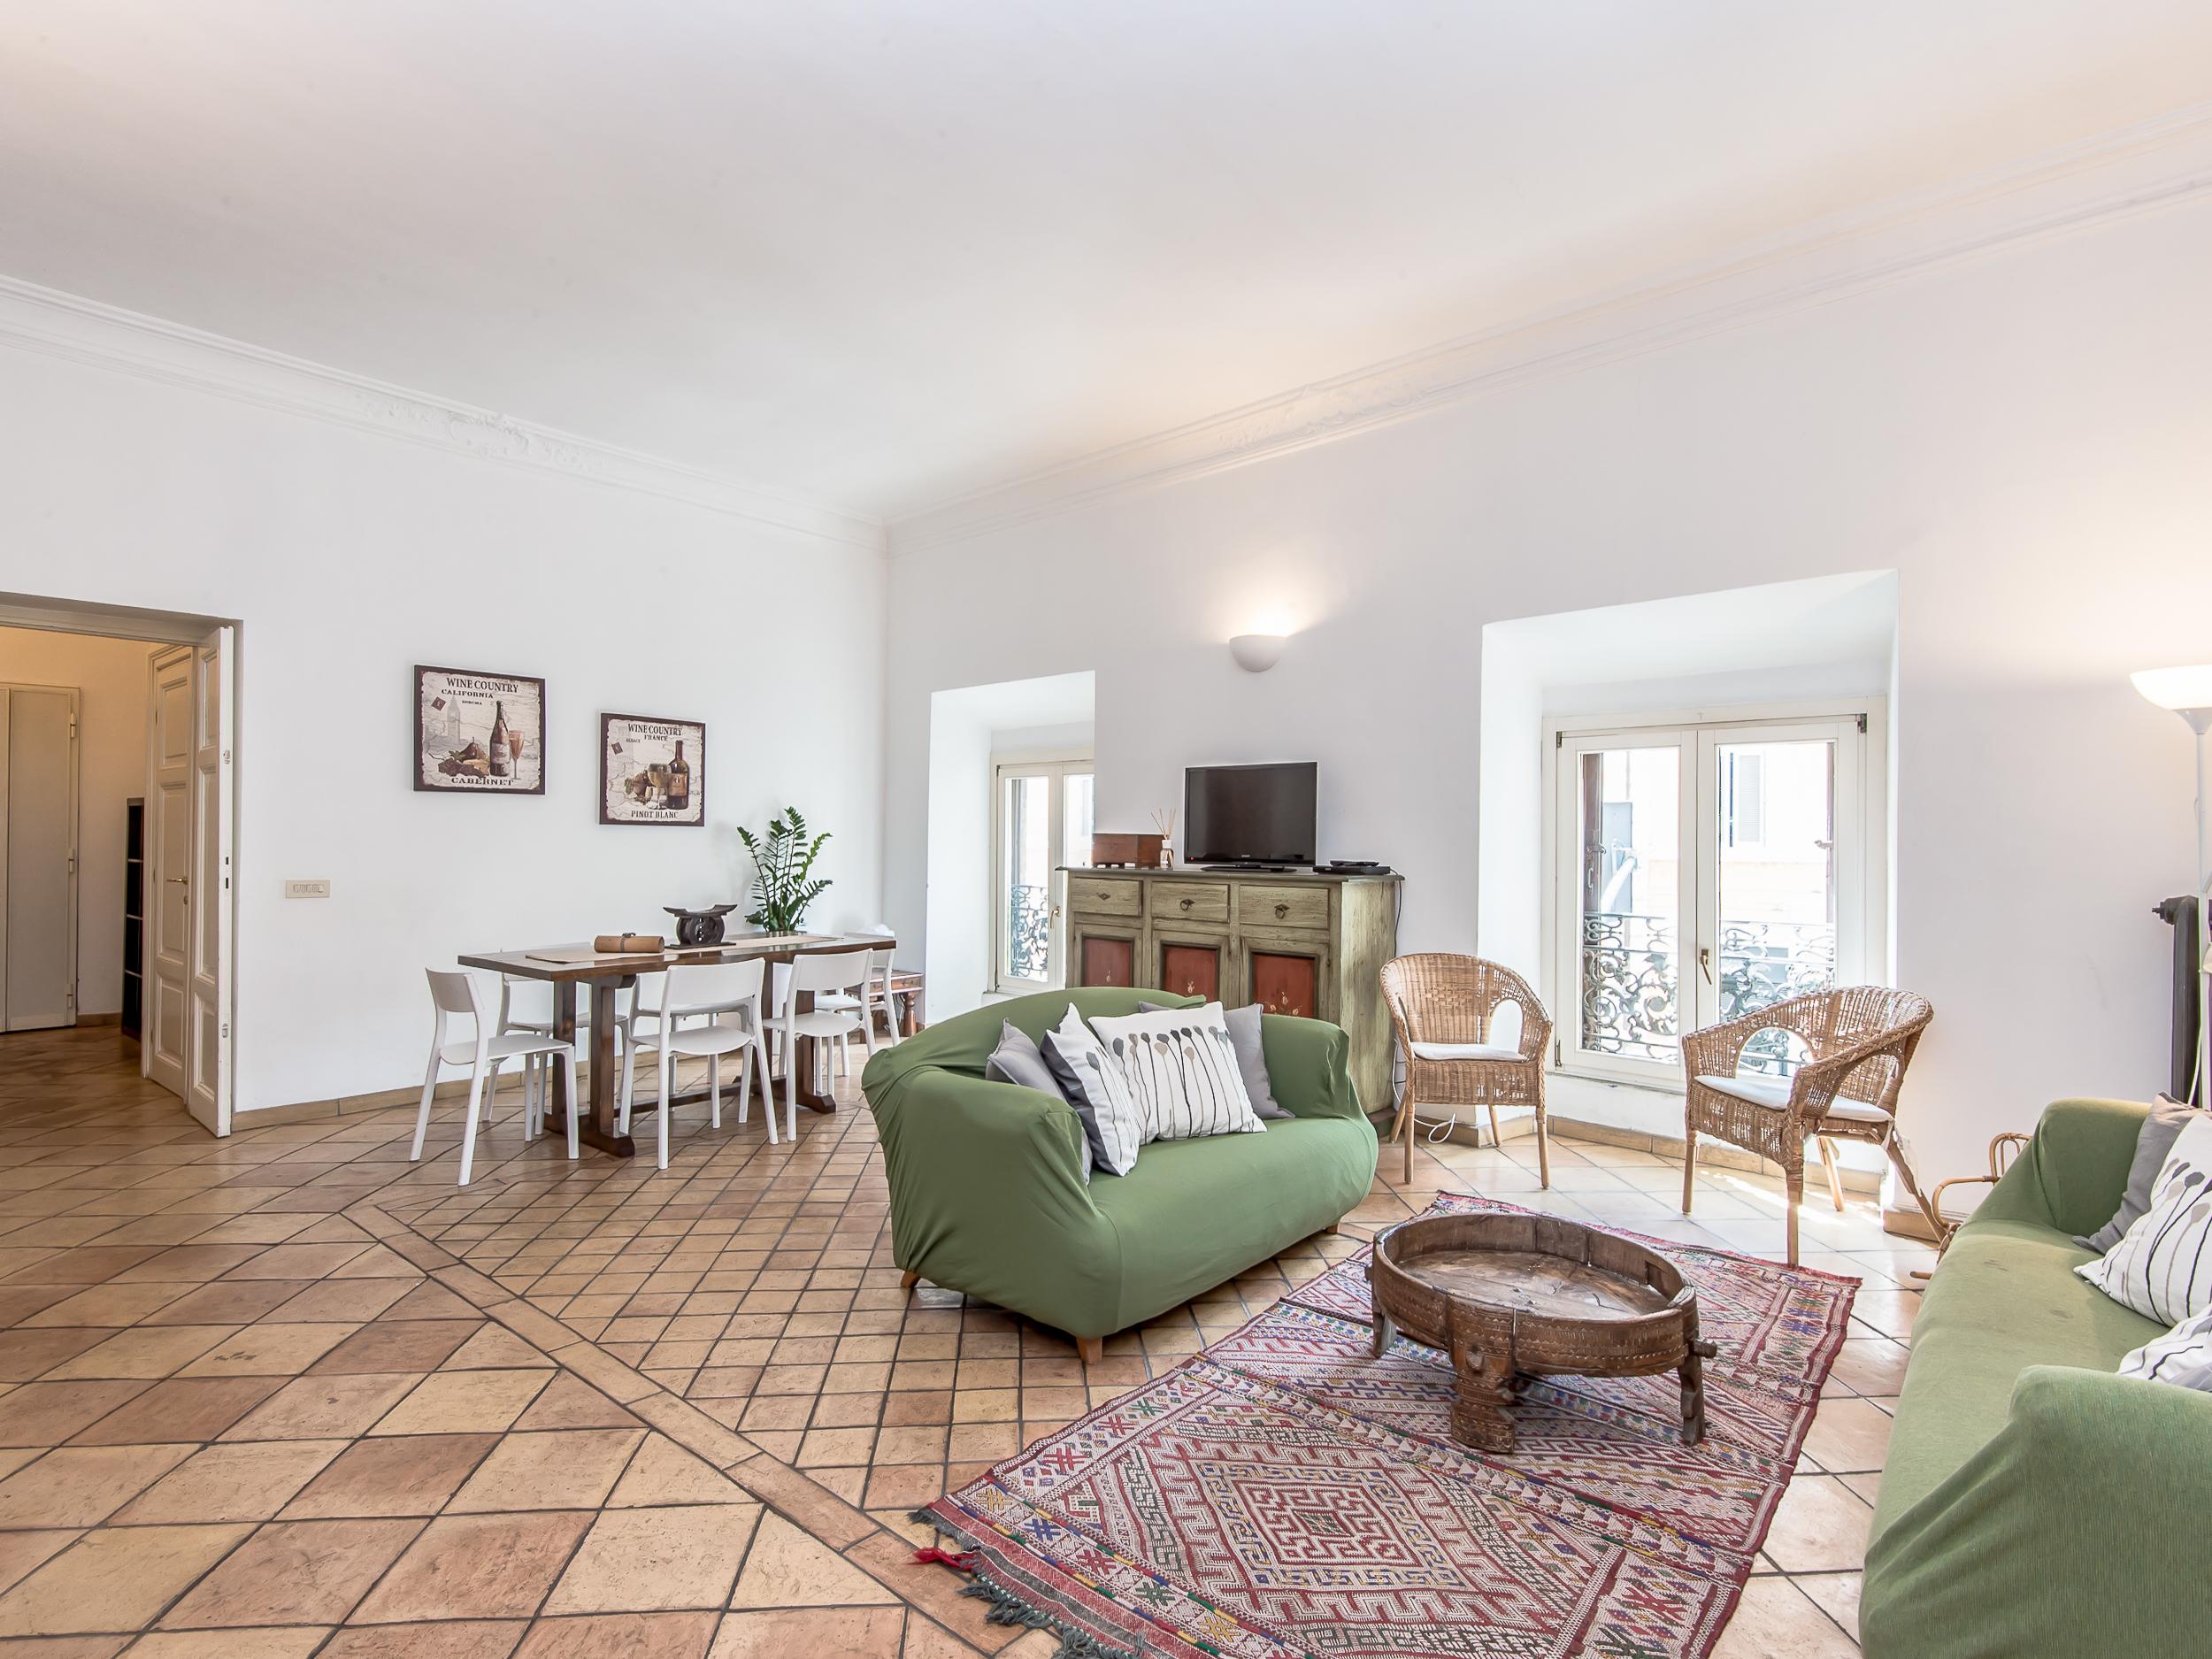 Douche Dorpel Goedkoop : Goedkope appartementen huren rome goedkope douche dorpel